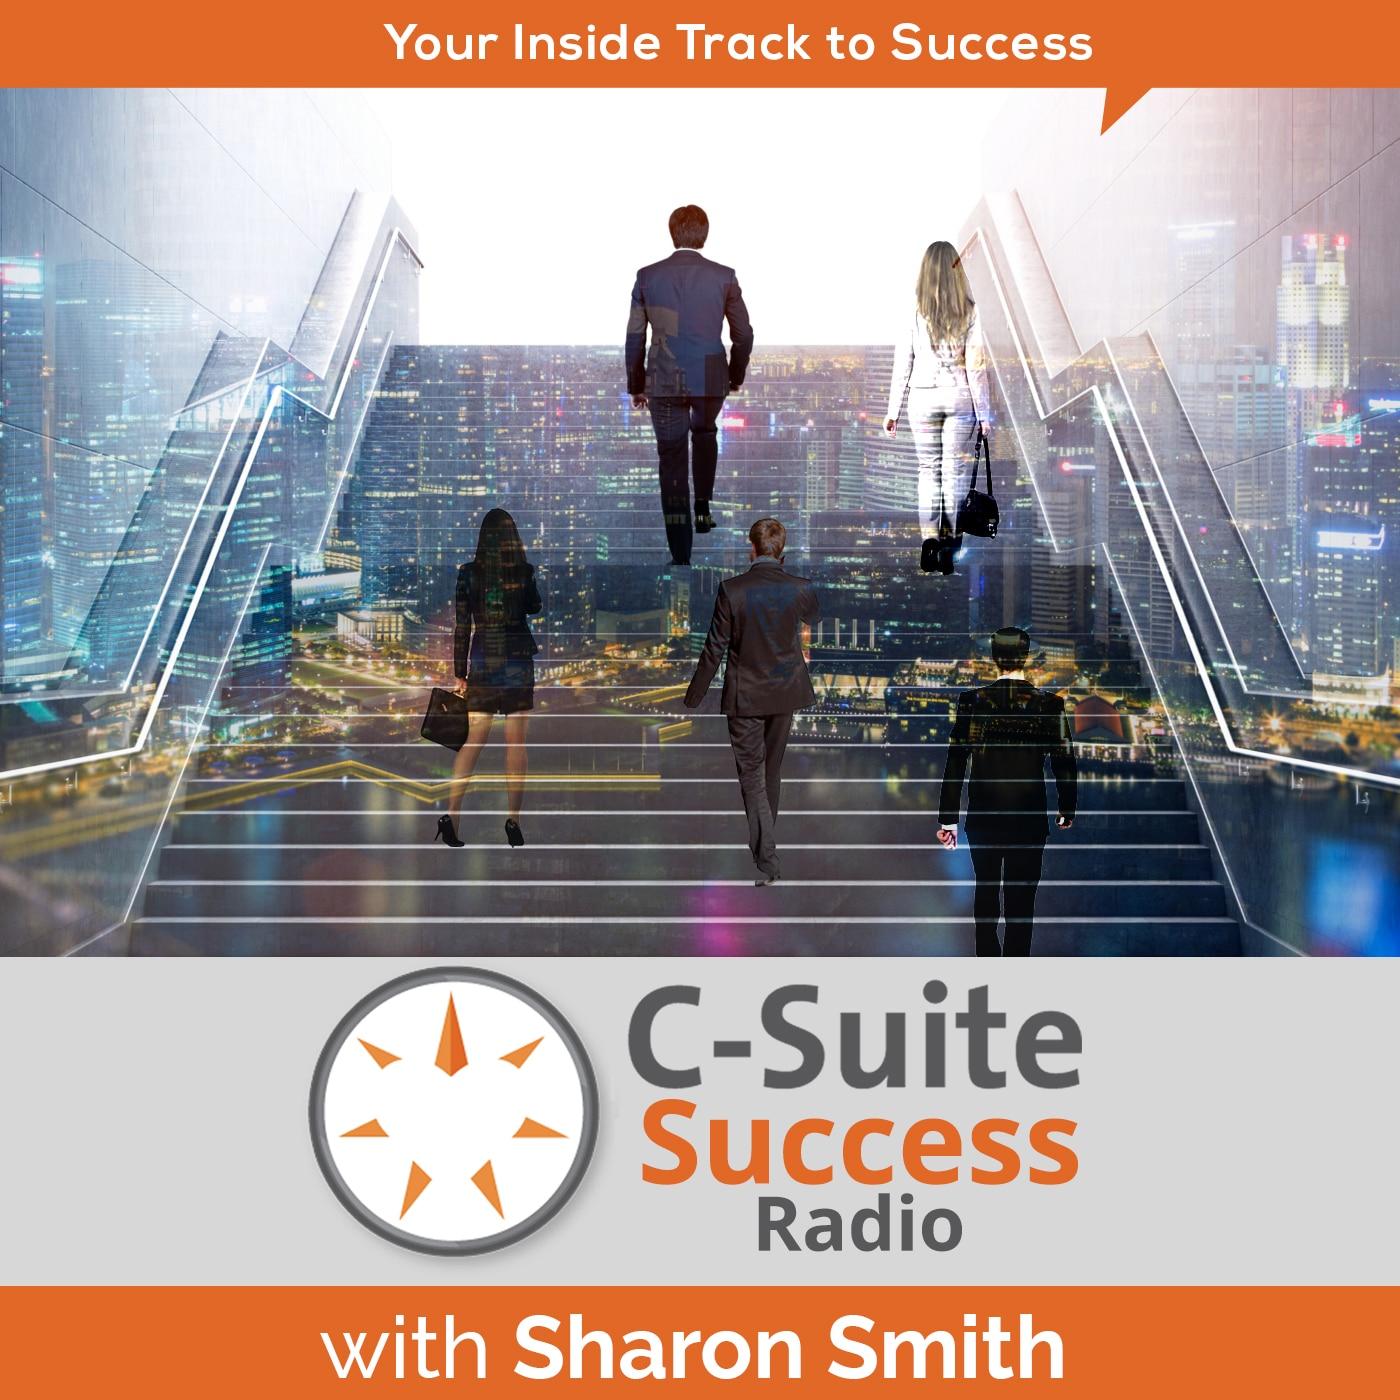 C-Suite Success Radio Interview